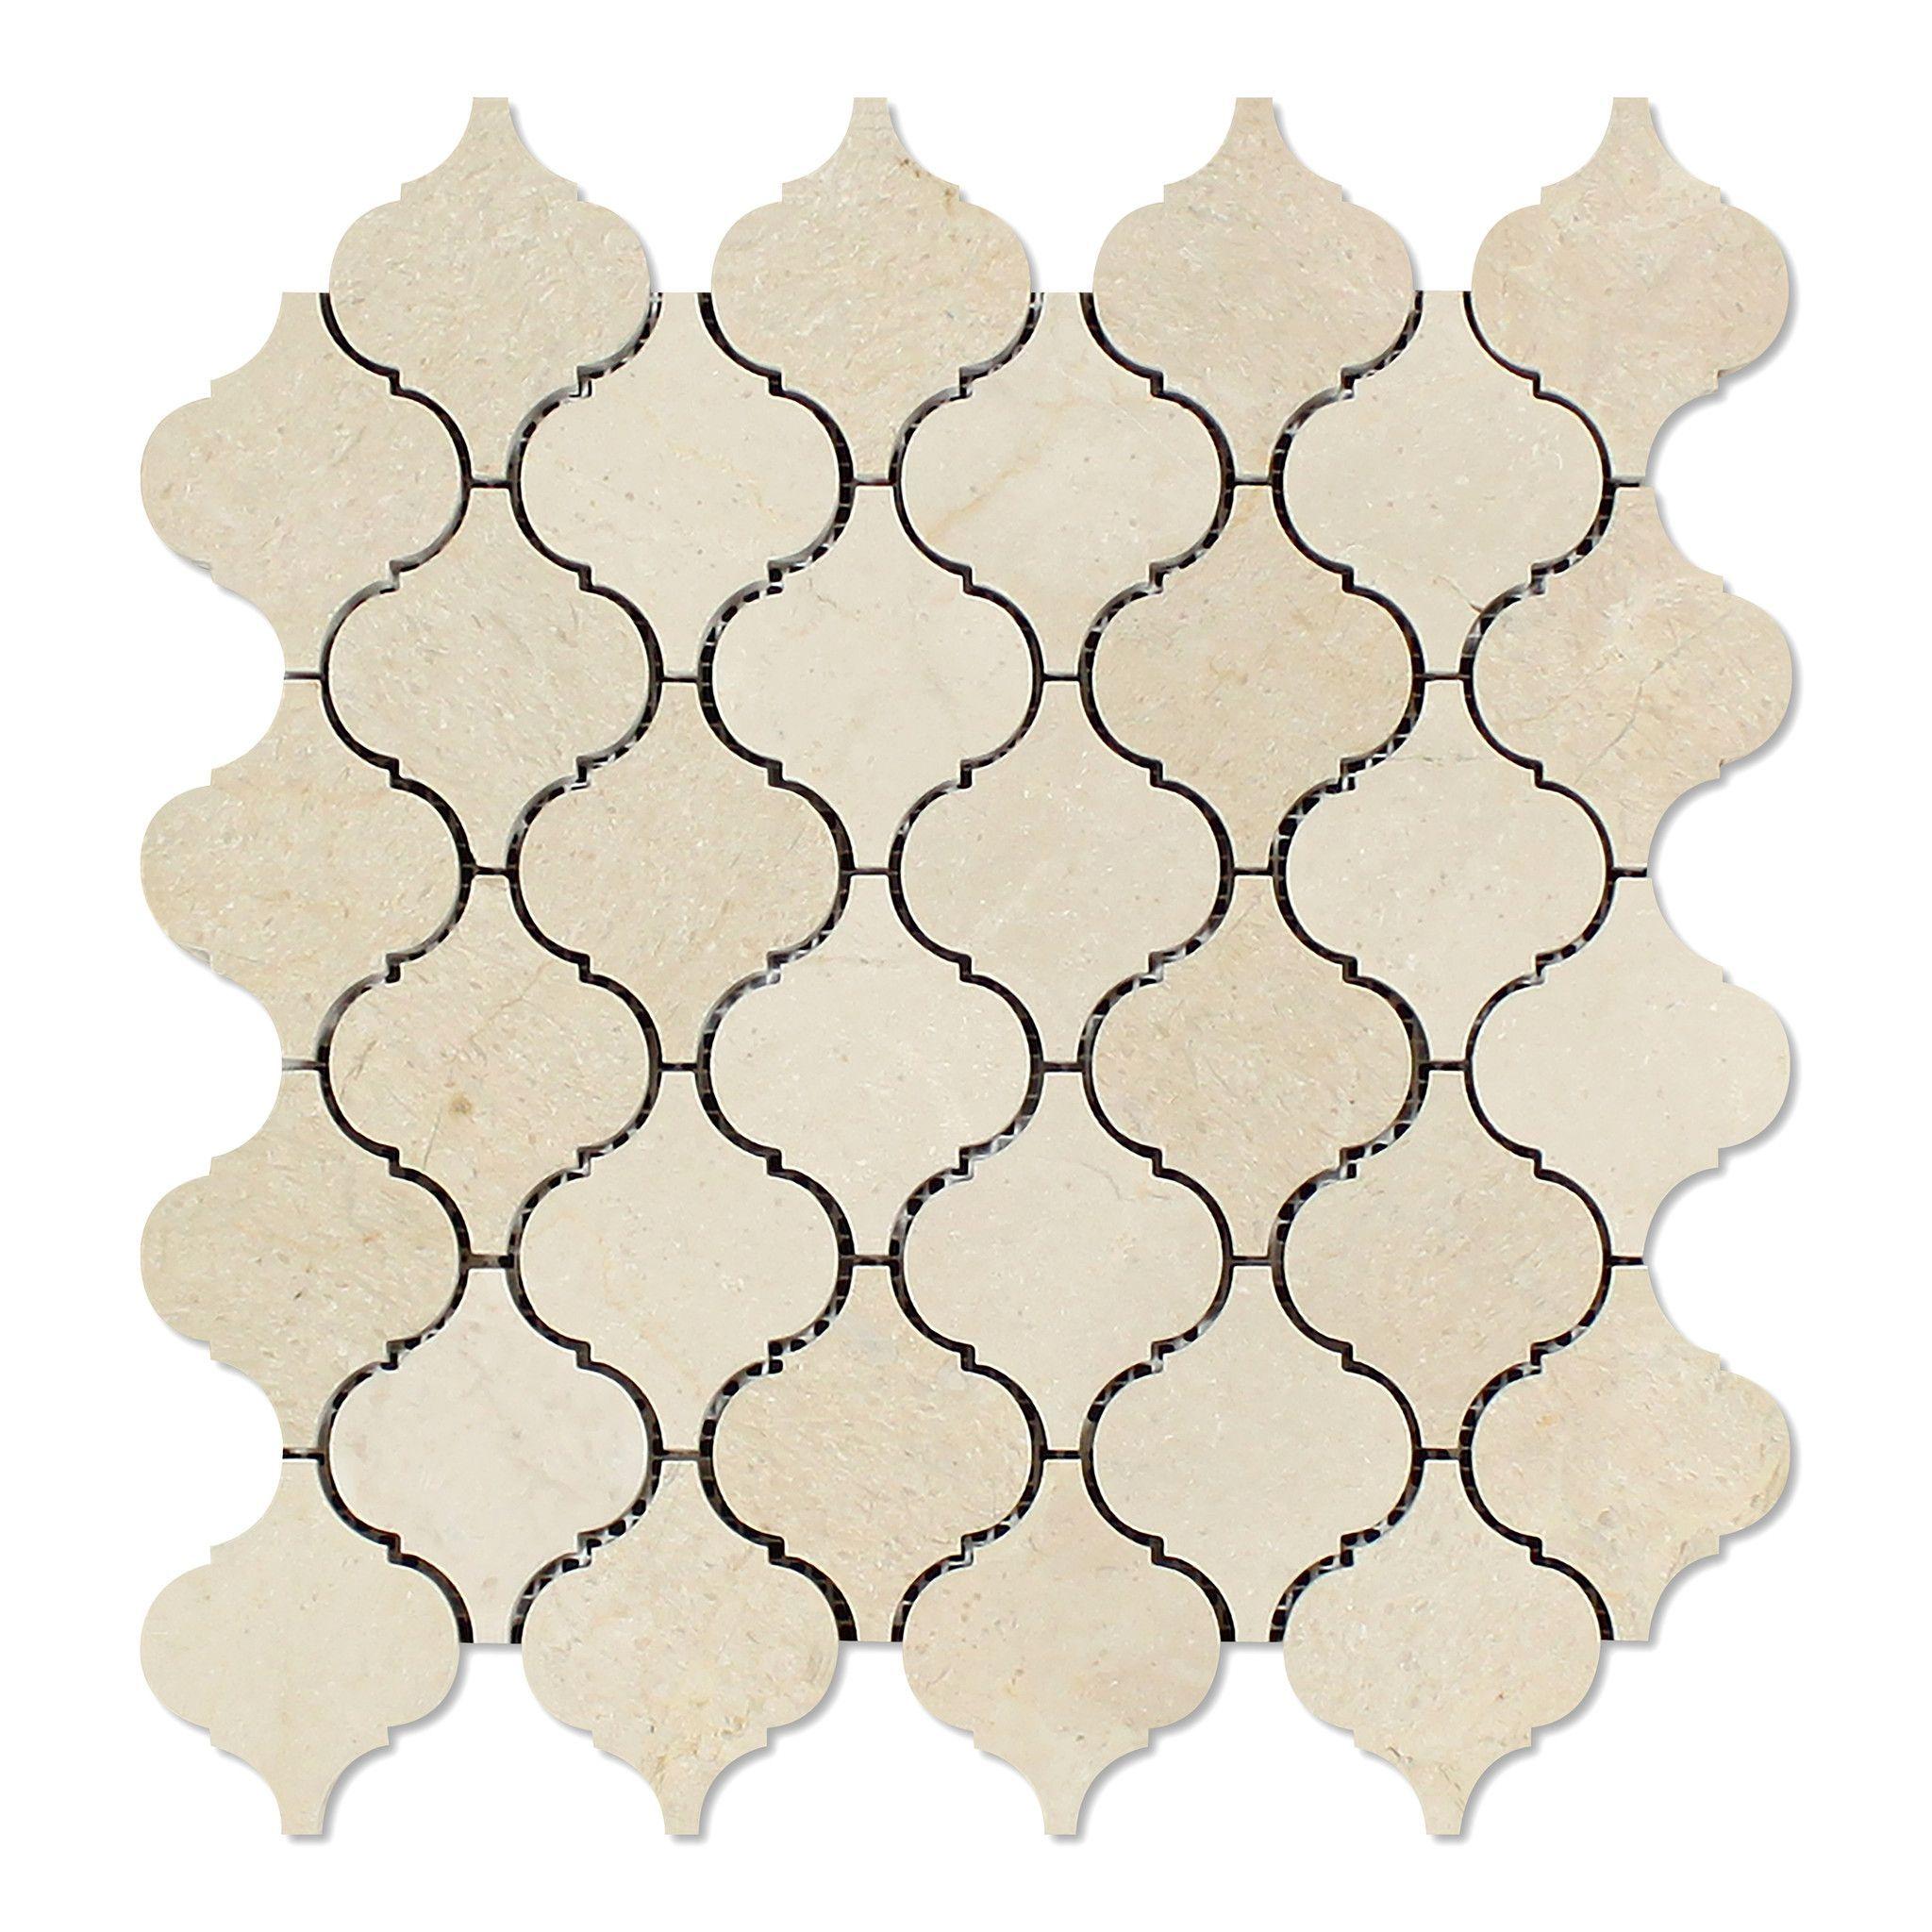 Crema Marfil Marble Polished Lantern Arabesque Mosaic Tile Arabesque Mosaic Tiles Mosaic Tiles Marble Polishing